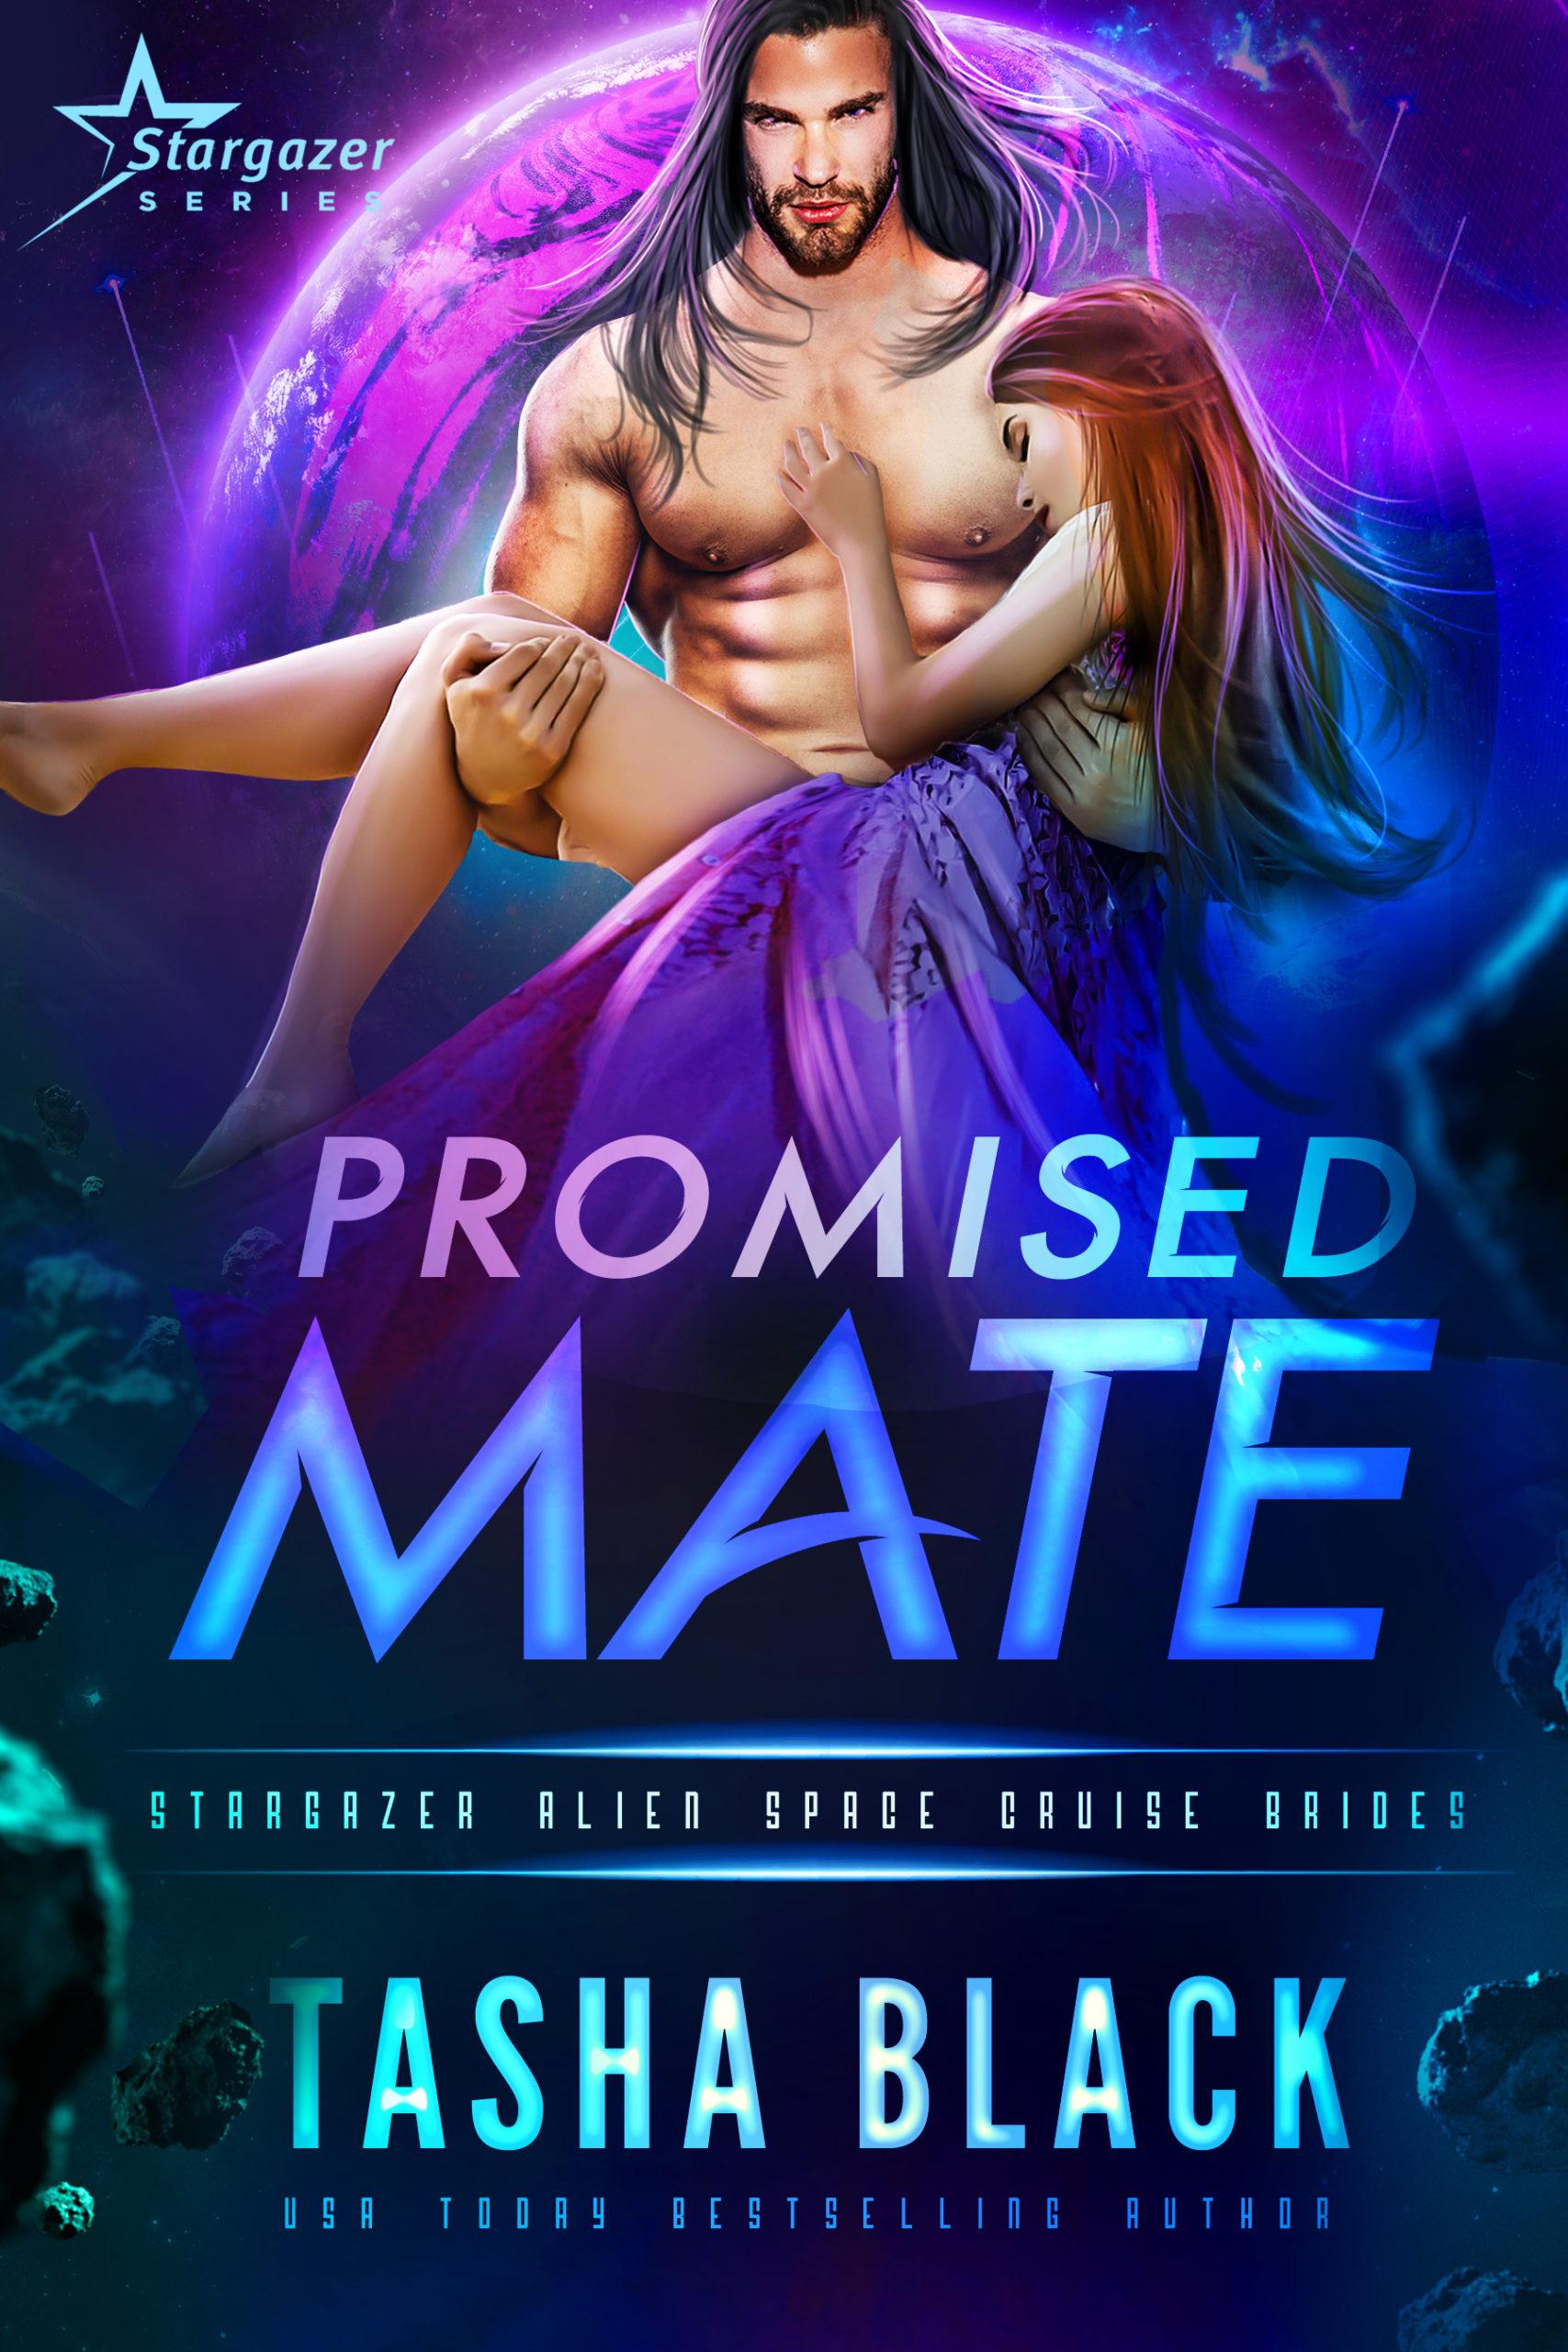 PromisedMate_2